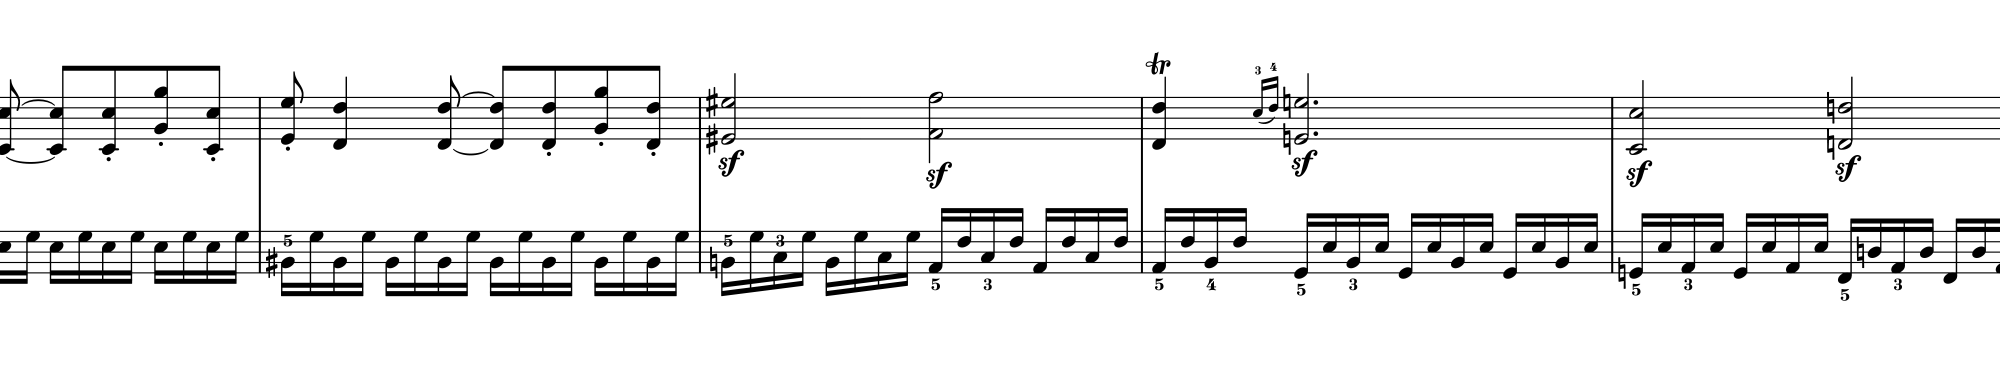 Part_26_150